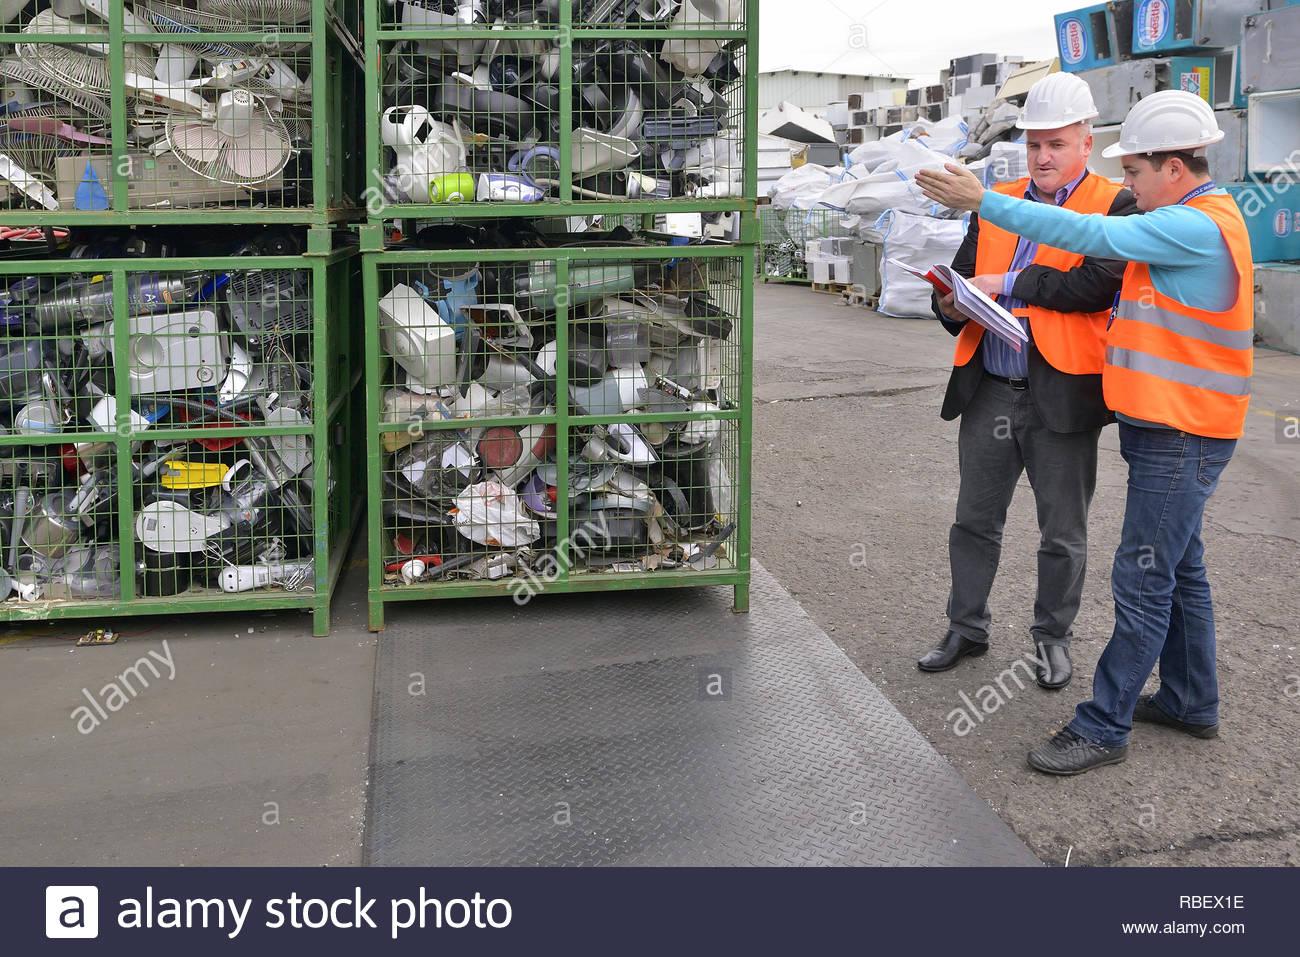 Bucarest, Roumanie - Octobre 2013: les gestionnaires d'une usine de recyclage discuter du plan sur la façon d'organiser les déchets électroniques sur un site de l'usine de recyclage Photo Stock